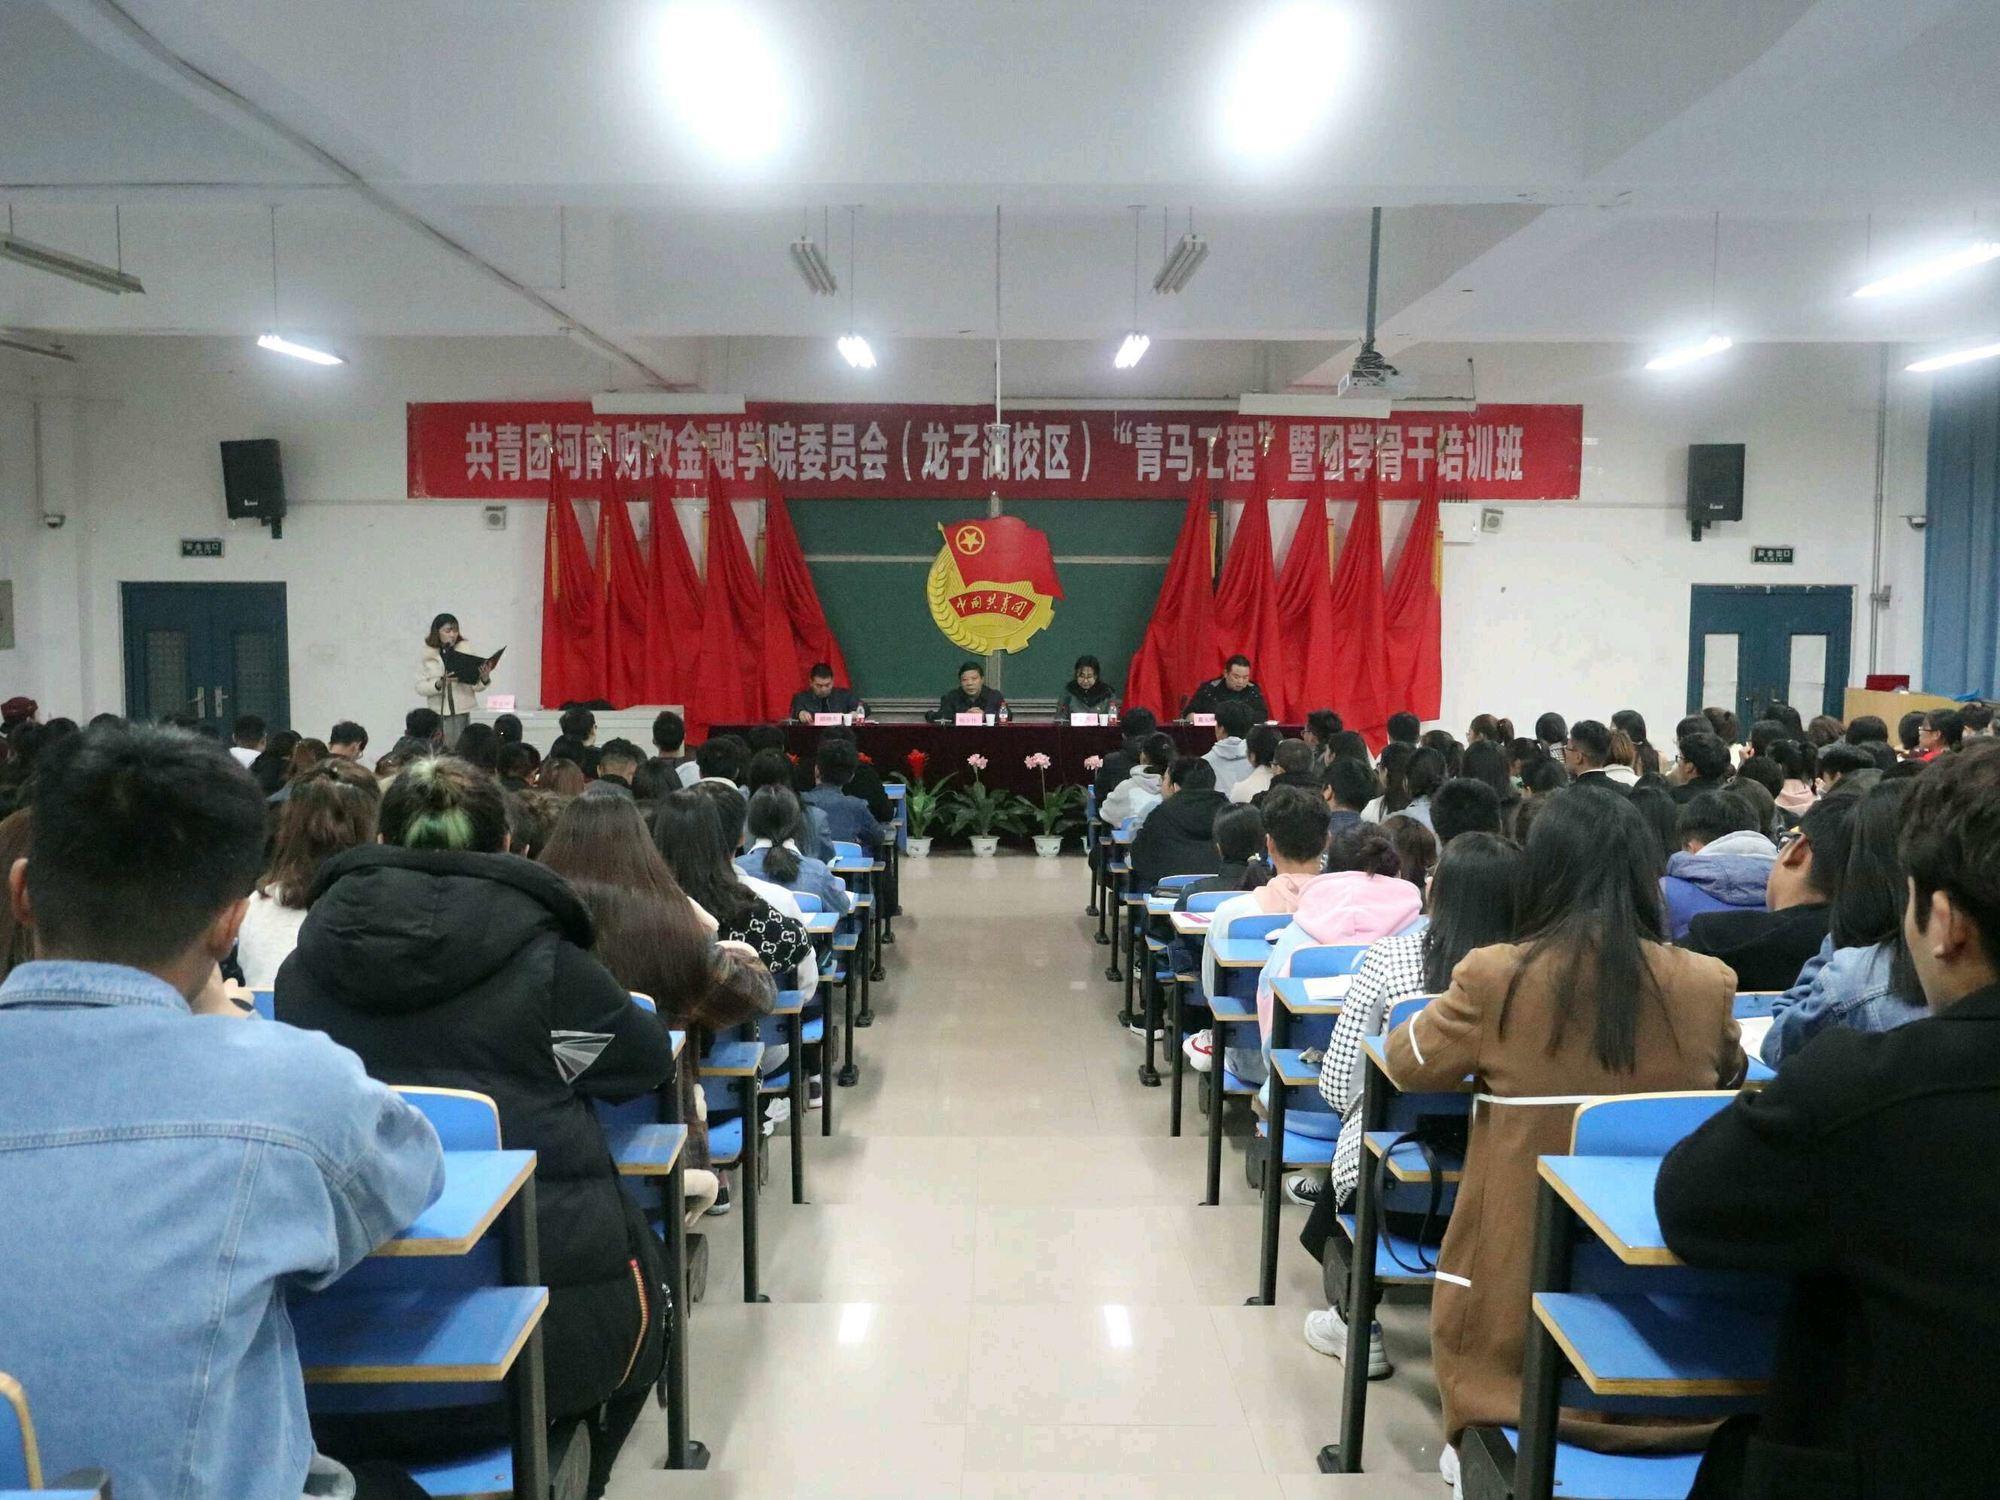 河南金融干部在线教育培训学院:是否需要使用身份证进行在线教育入学考试?